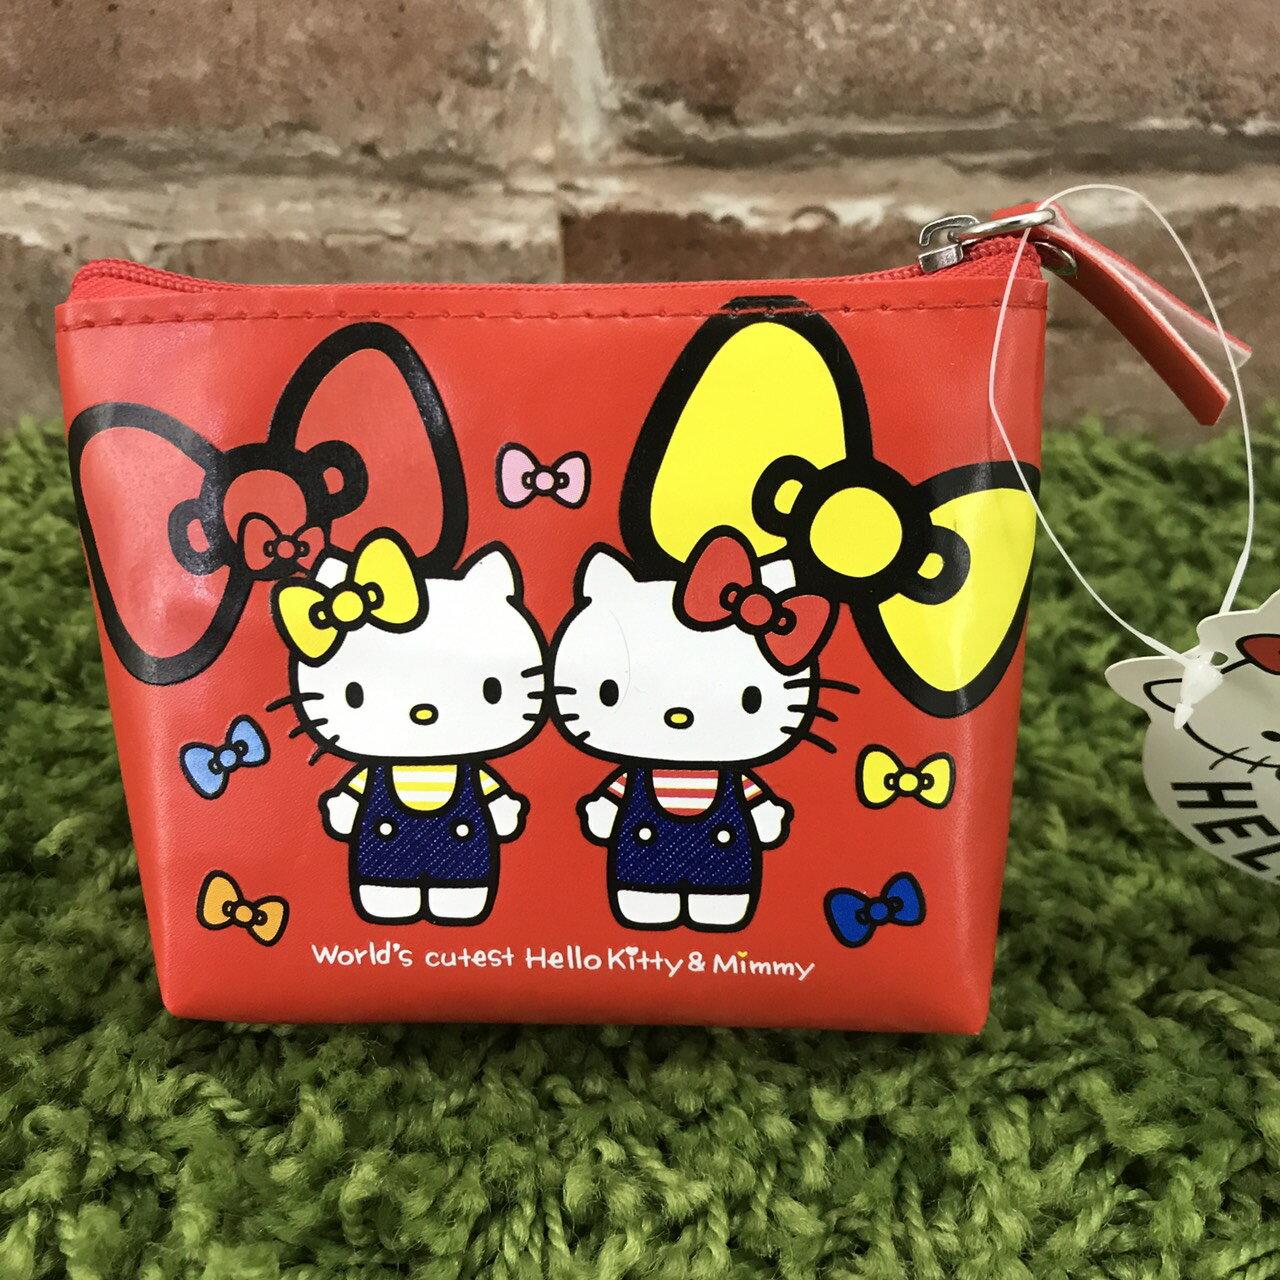 【真愛日本】17100700004 梯形零錢包-雙胞胎紅 三麗鷗 kitty 凱蒂貓 化妝包 收納包 錢包